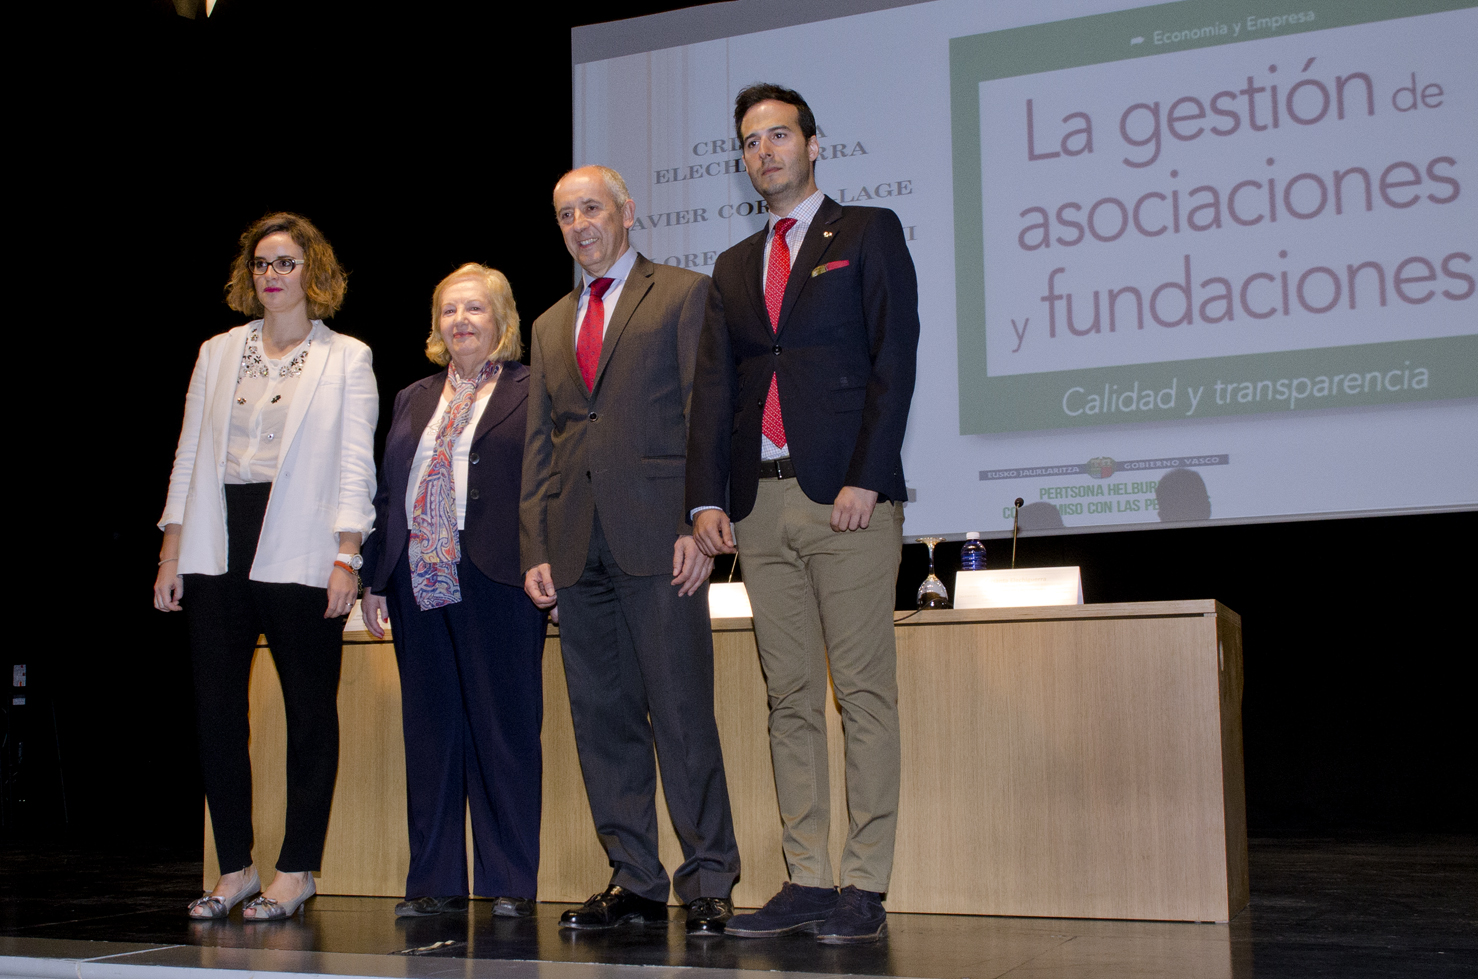 gestion_asociaciones_fundaciones_02.jpg